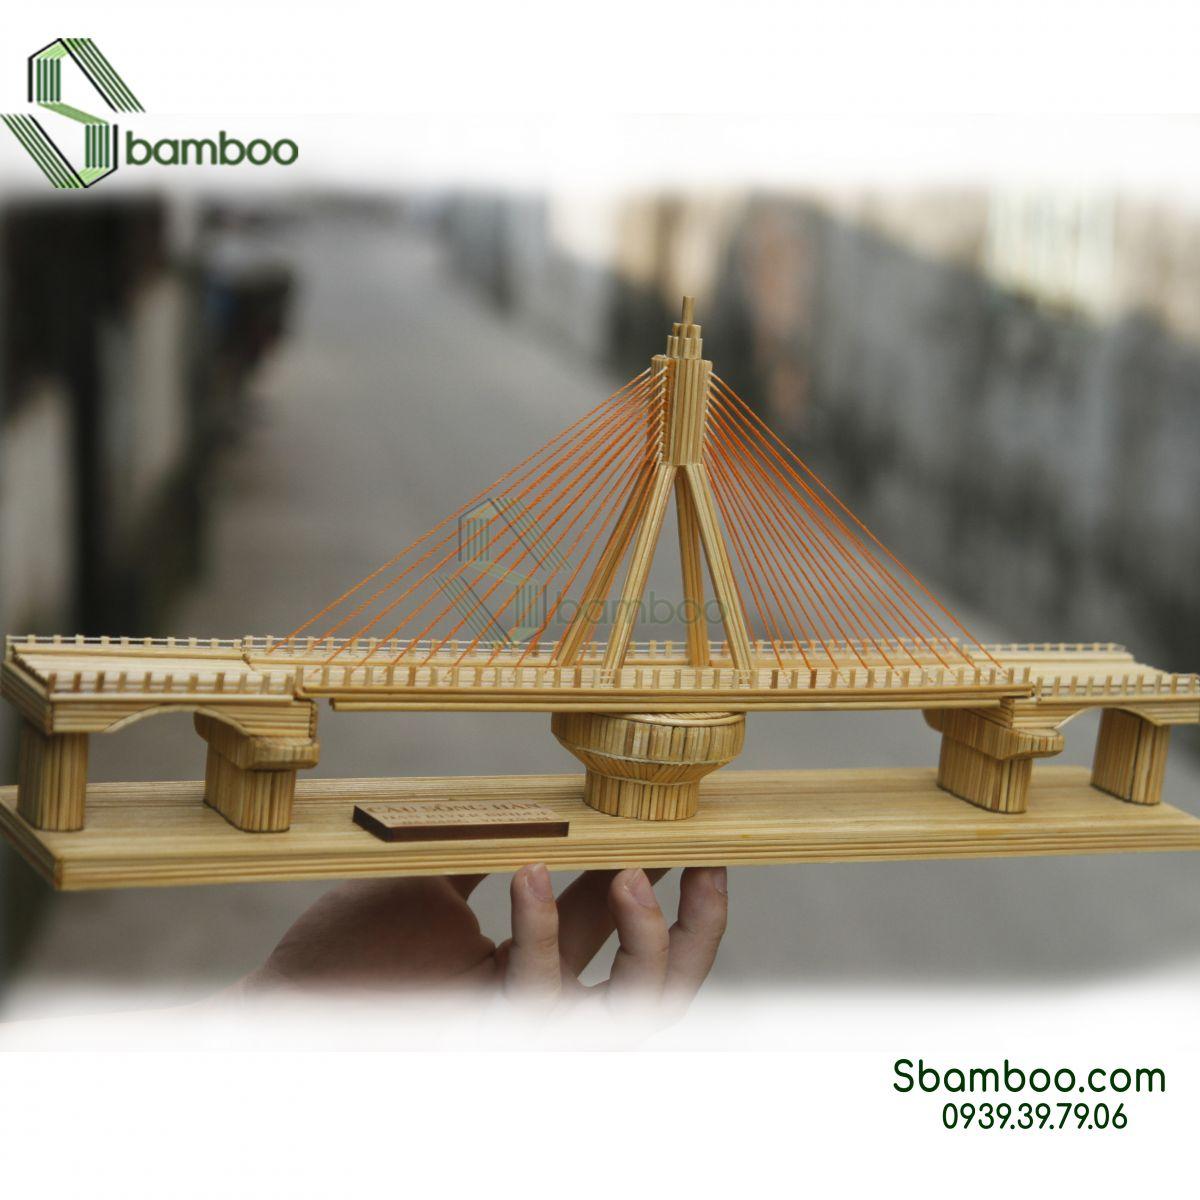 Han River Bridge - Da Nang Model Sbamboo